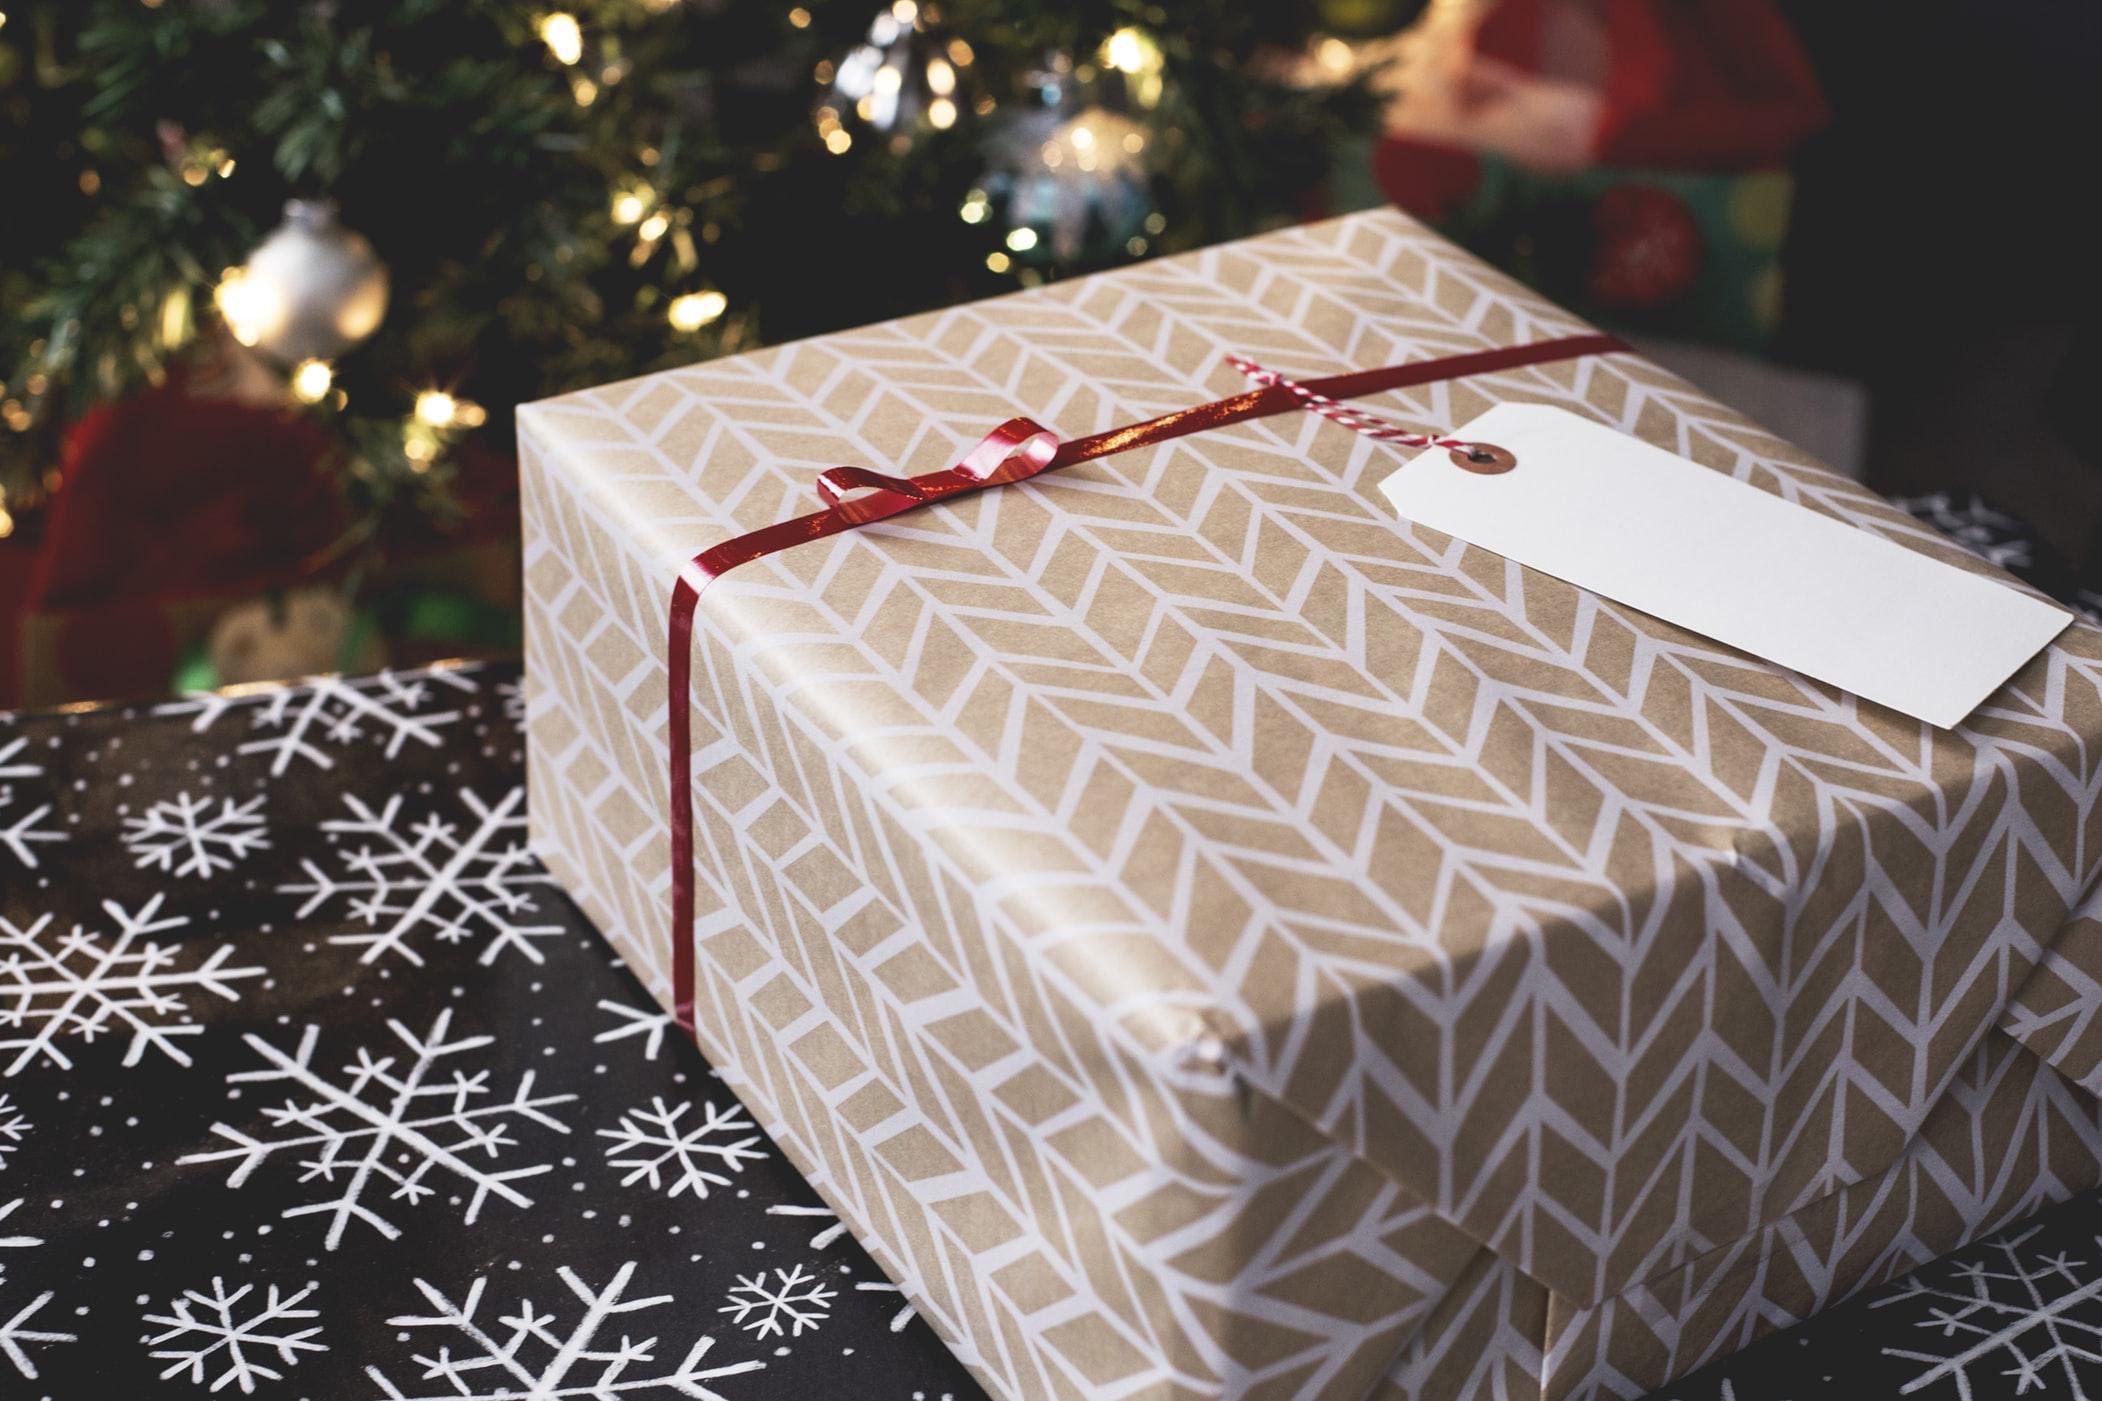 Per Natale, 4 subscription box imperdibili che amerete moltissimo